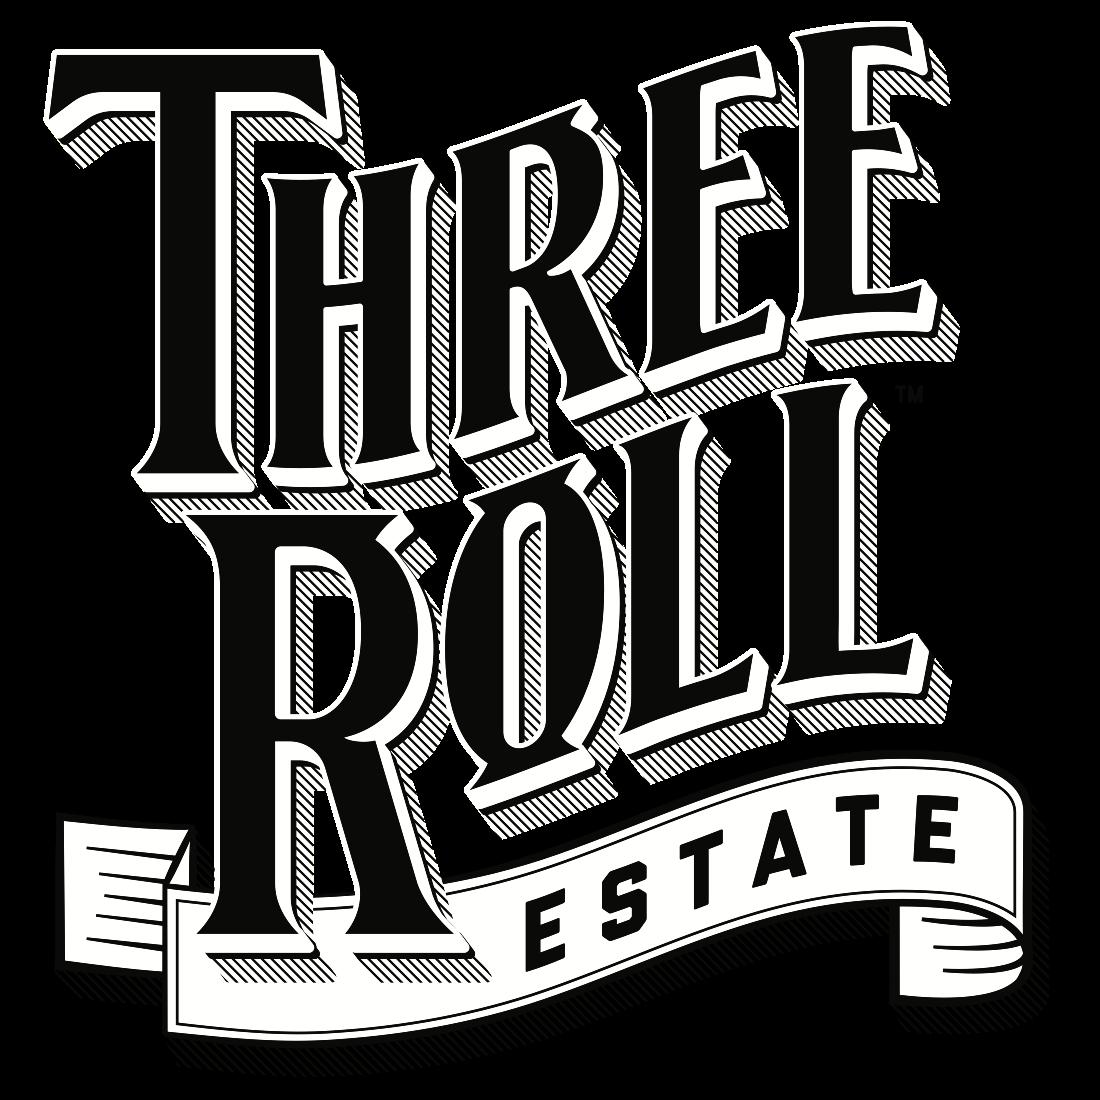 Three-Roll-Logo_5BB55240-917D-4BBB-8C61FFB22D6102AC_fda67cbe-1de0-4e54-bba88c3efe340b3f.png